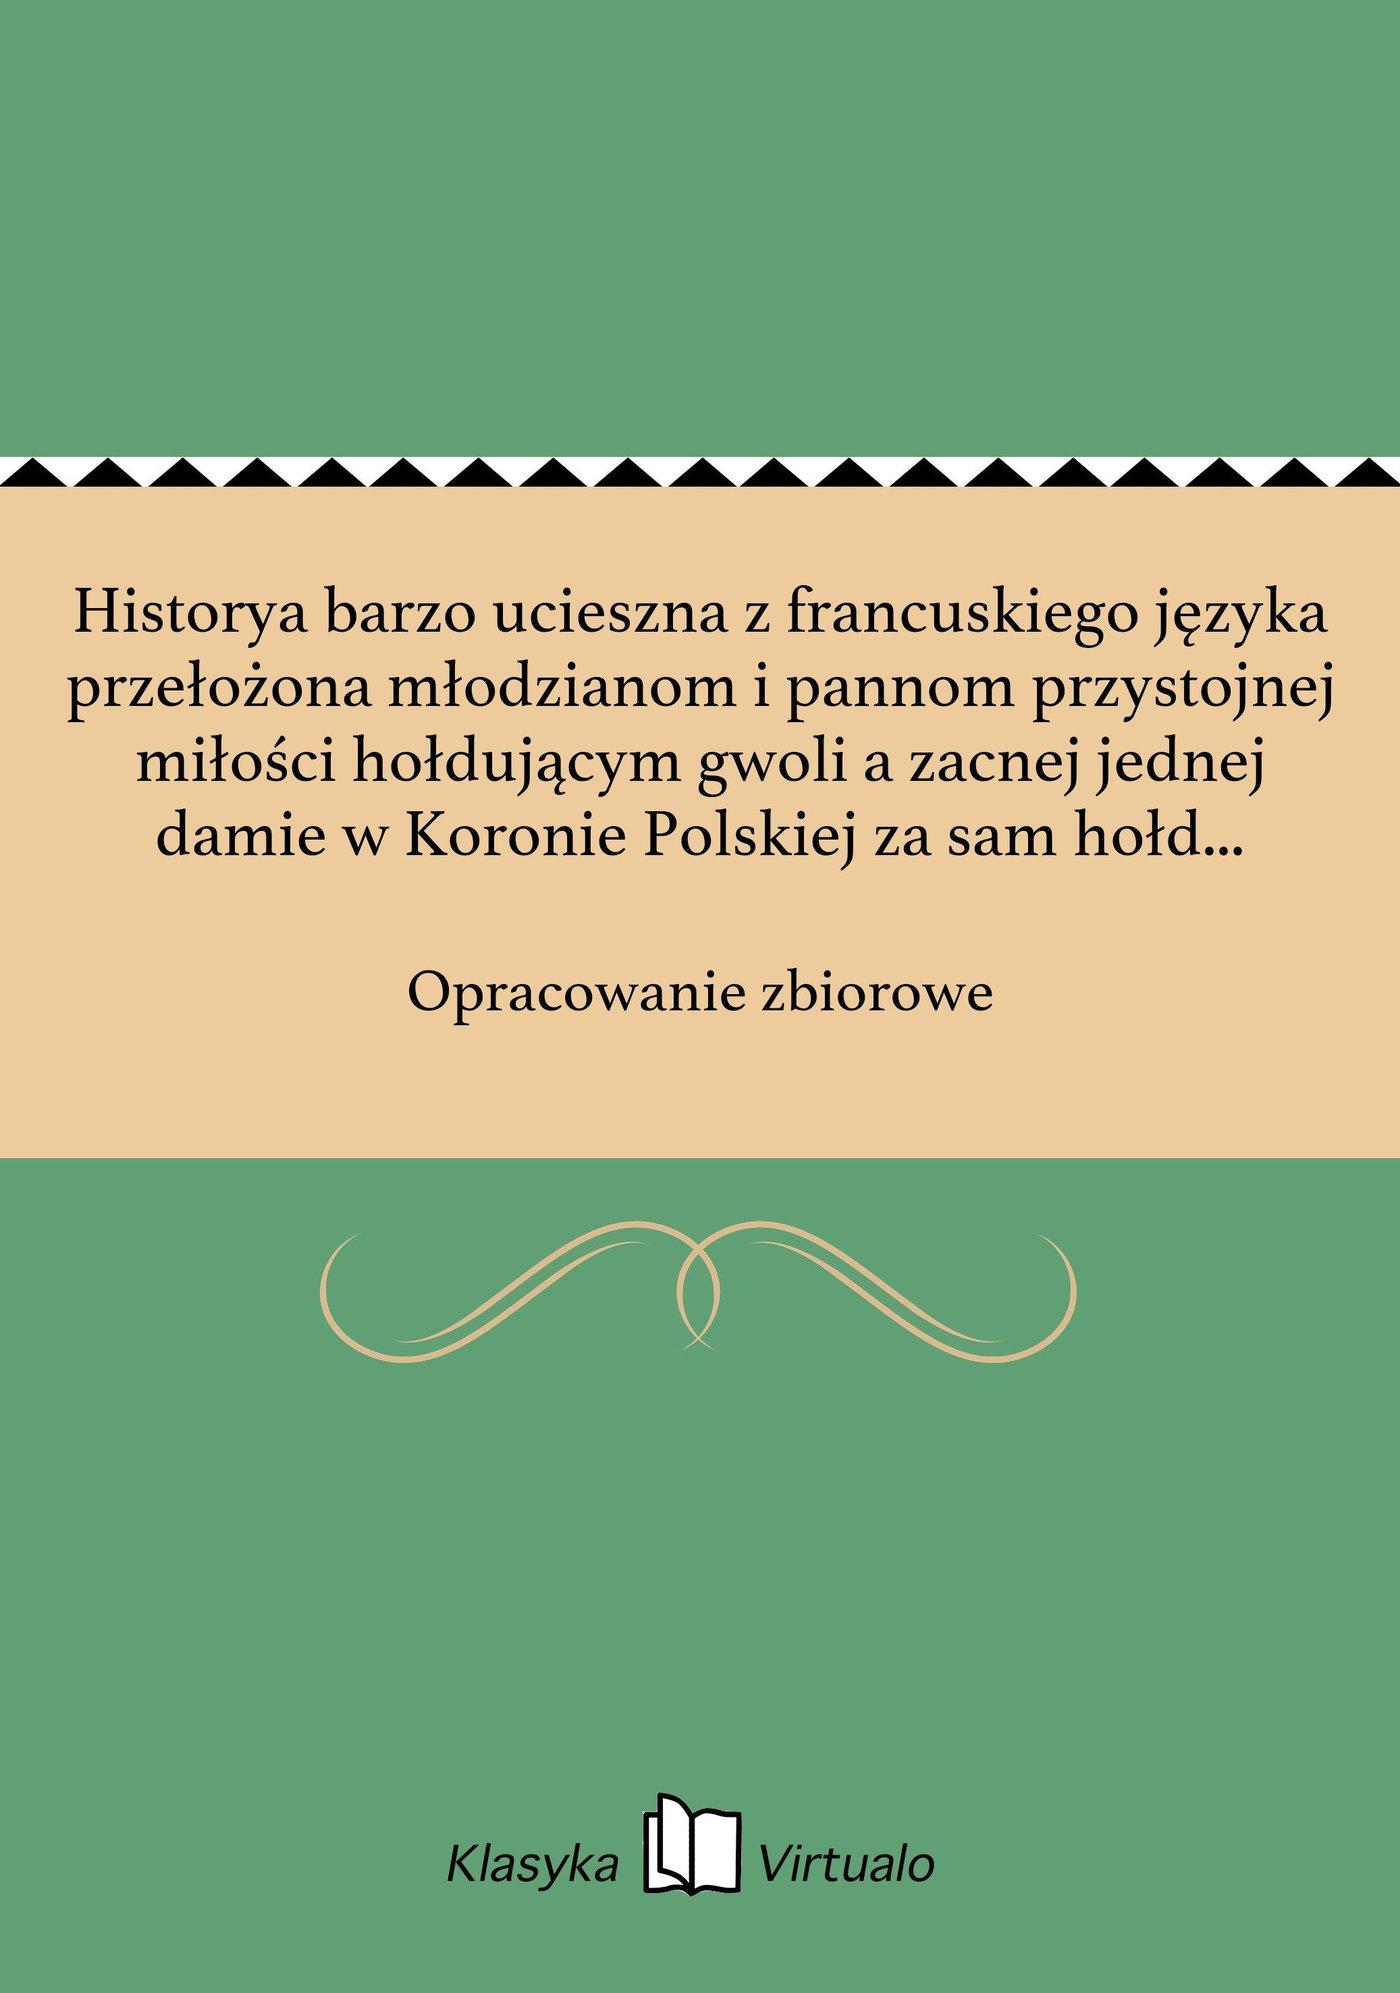 Historya barzo ucieszna z francuskiego języka przełożona młodzianom i pannom przystojnej miłości hołdującym gwoli a zacnej jednej damie w Koronie Polskiej za sam hołd i powinny honor oddana: roku 1665 - Ebook (Książka EPUB) do pobrania w formacie EPUB